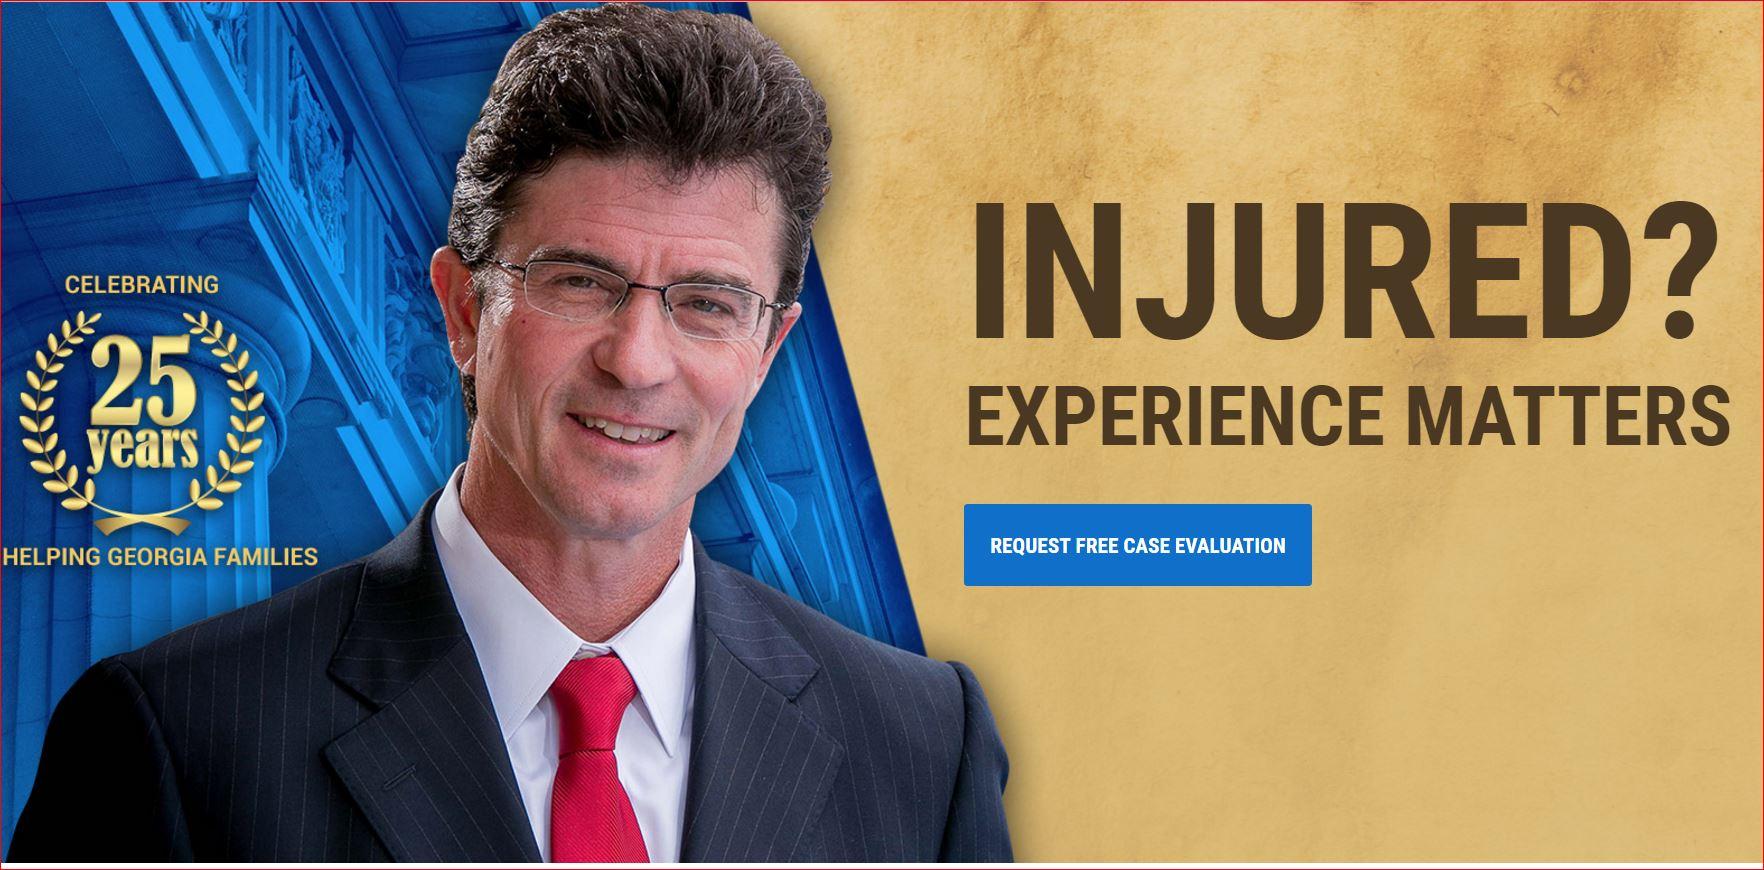 Jonathan Brockman, P.C. | Personal Injury Law in 320 Dahlonega St - Cumming GA - Reviews - Photos - Phone Number